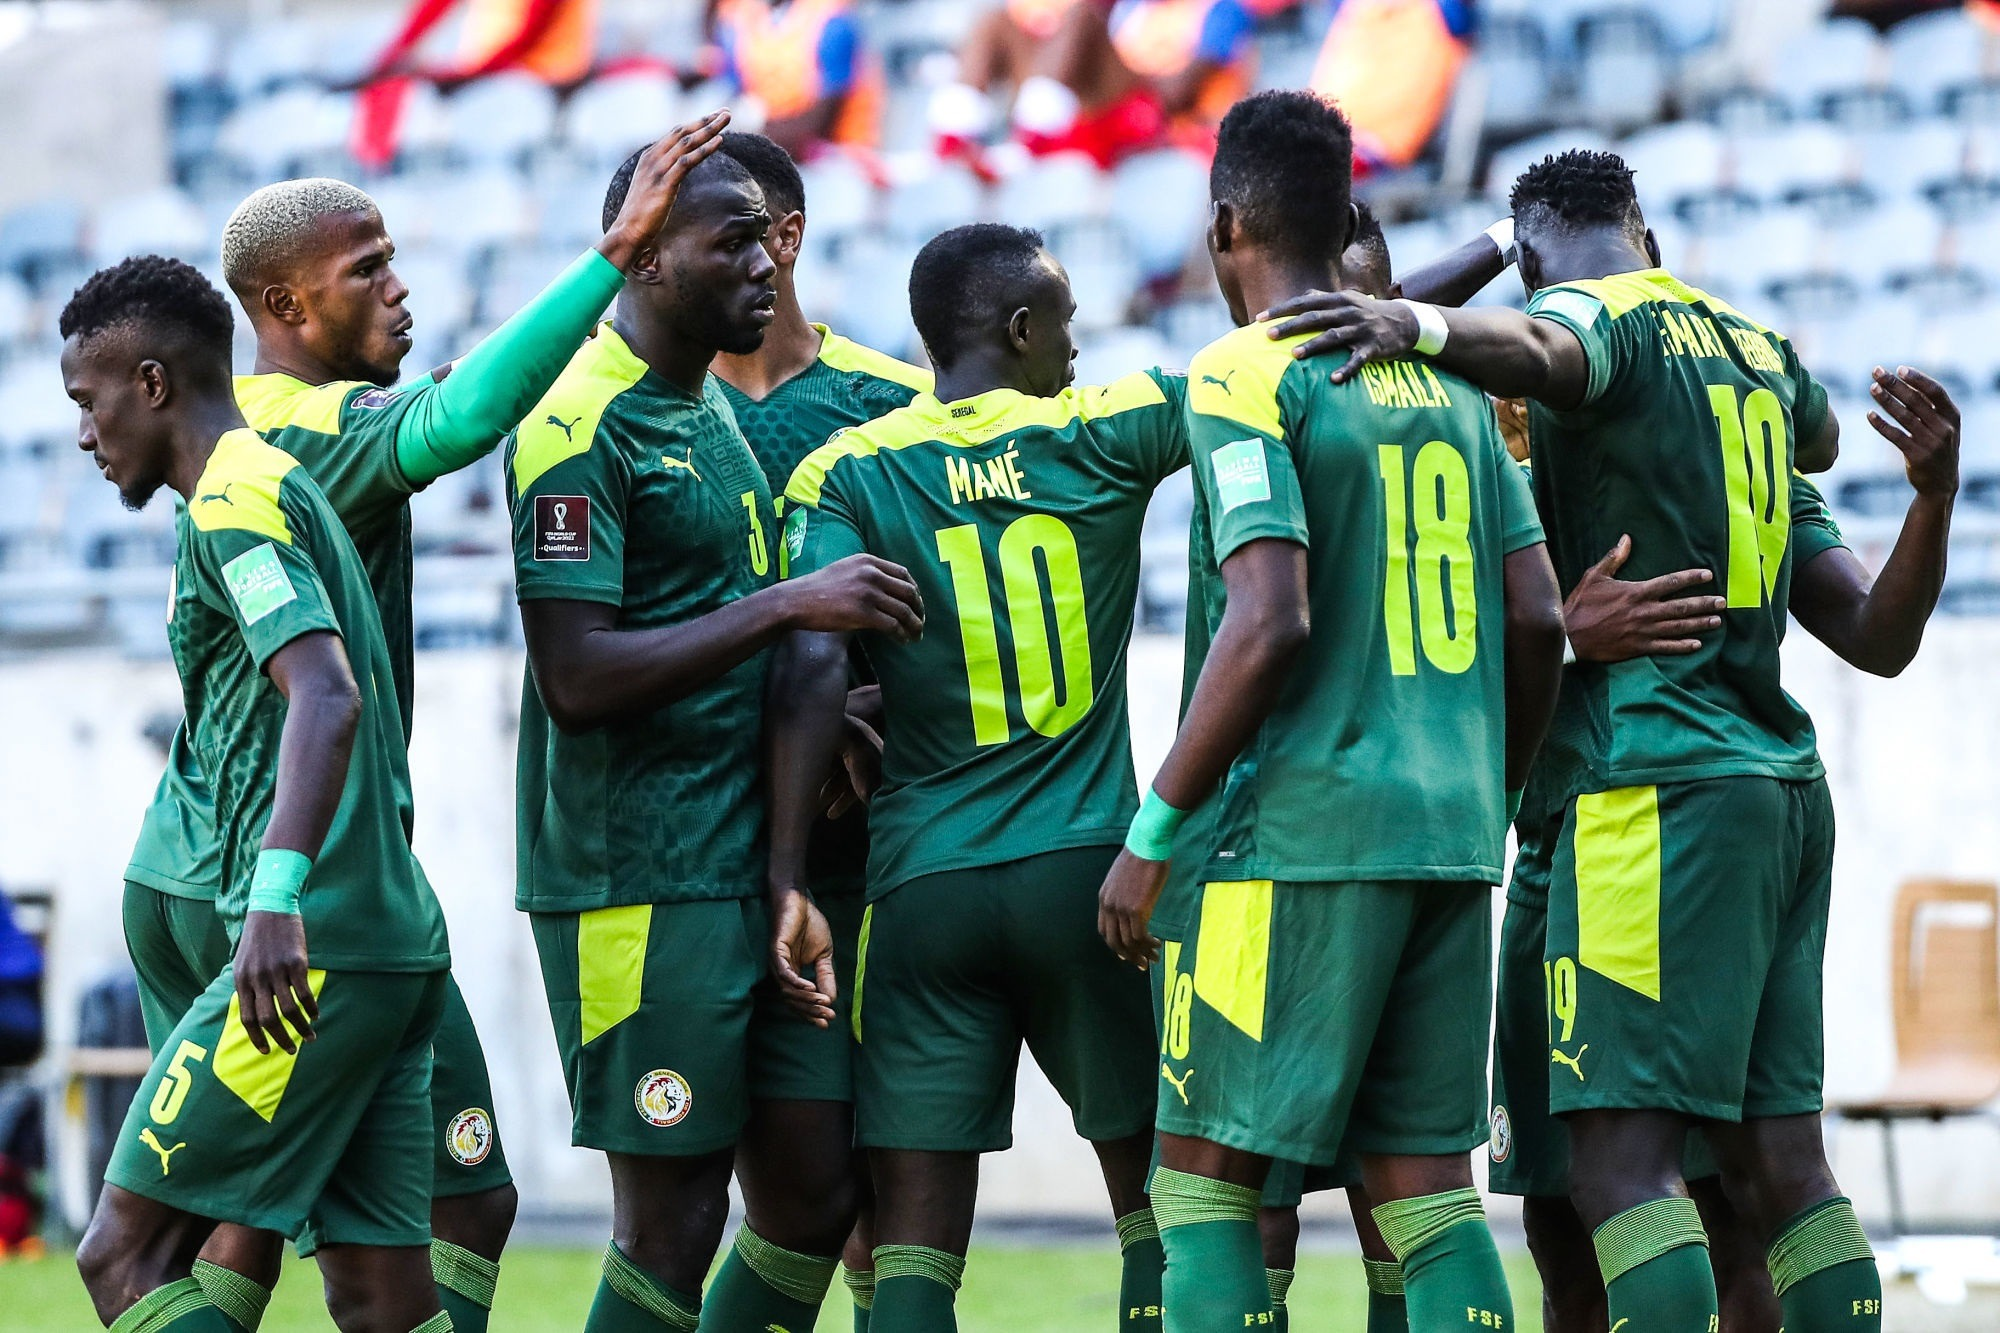 Namibie/Sénégal - Gueye satisfaisant, Diallo plus en difficulté